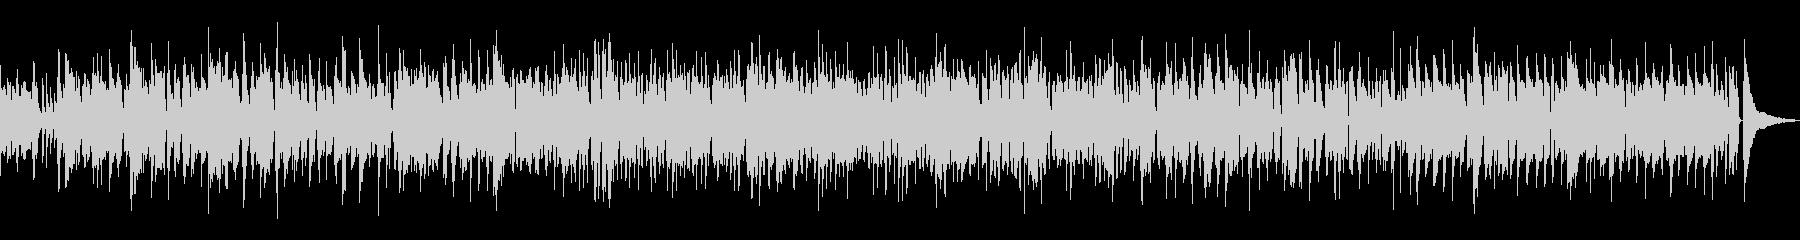 ジャズラウンジピアノトリオでスウィングの未再生の波形